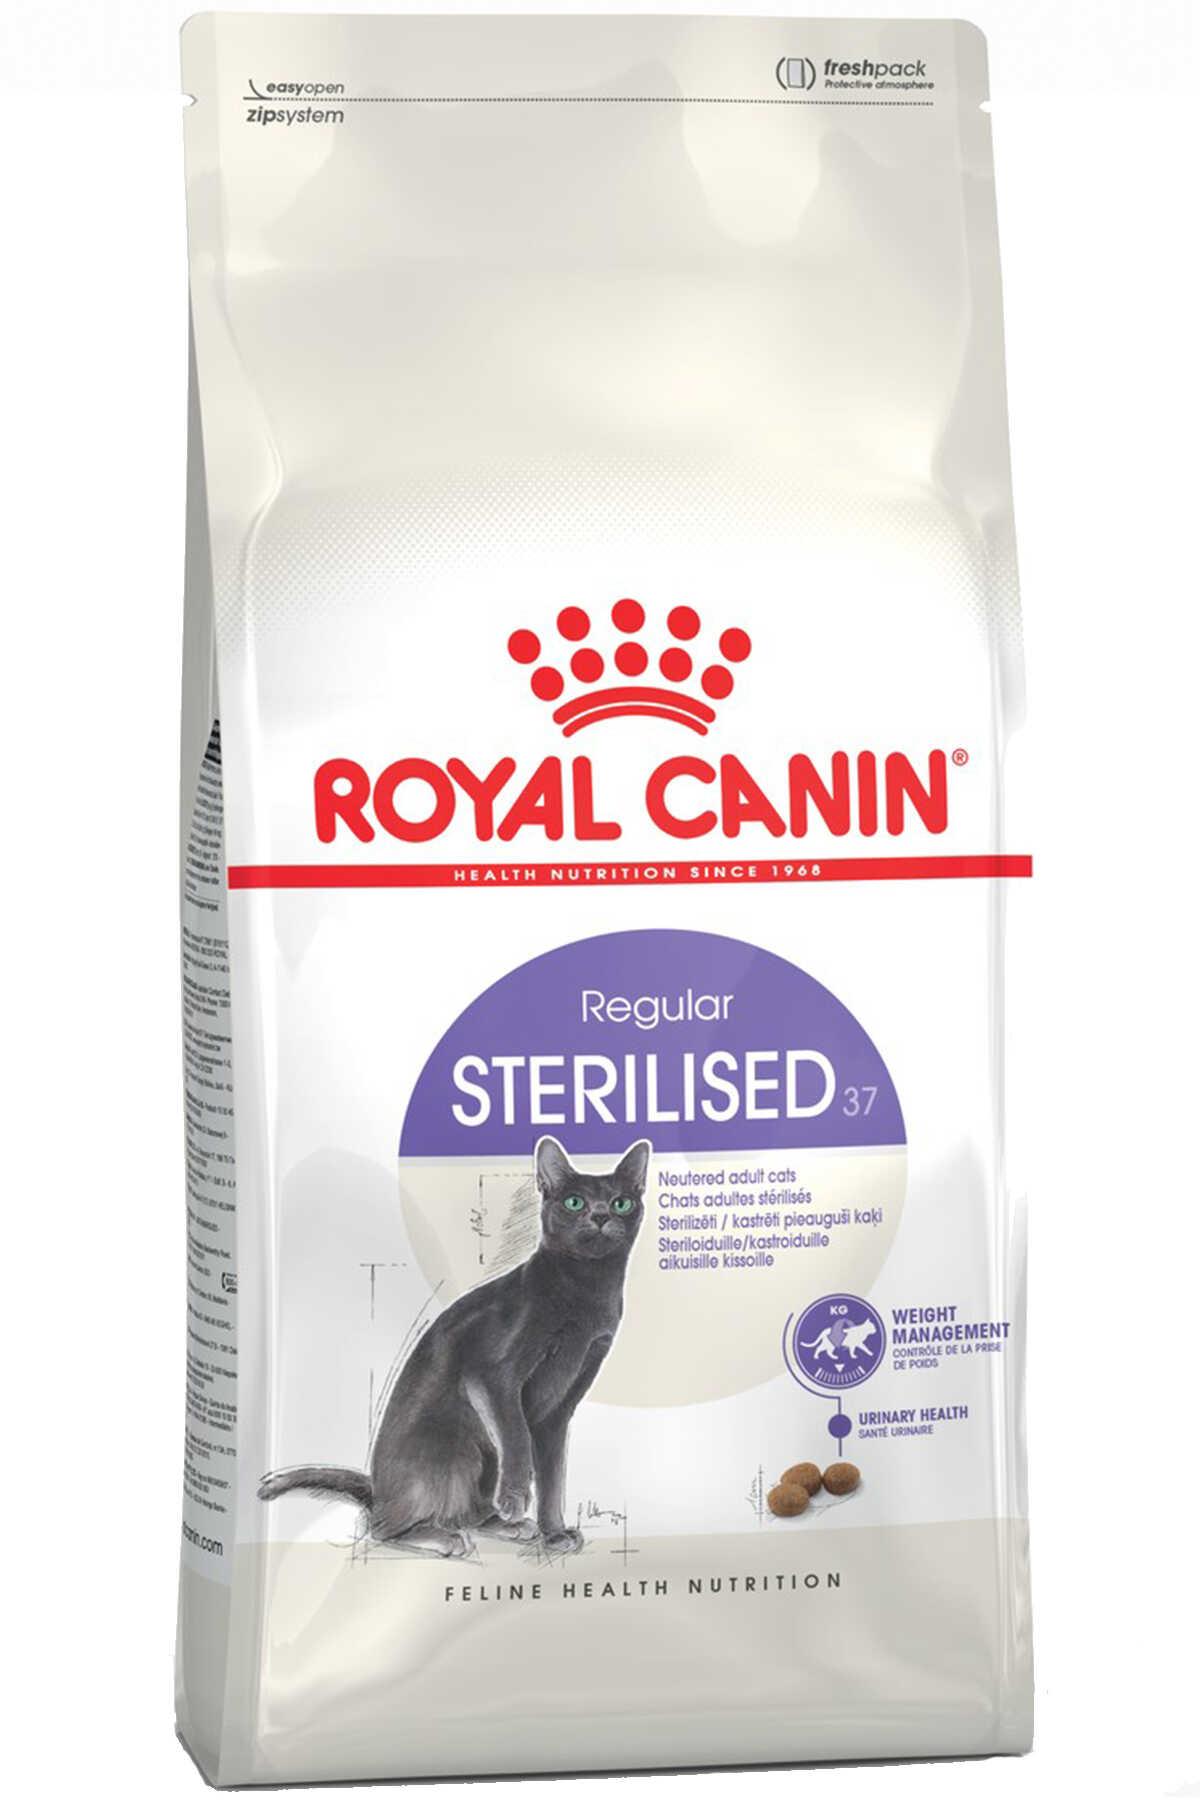 Royal Canin Sterilised 37 Kısırlaştırılmış Yetişkin Kedi Maması 10kg